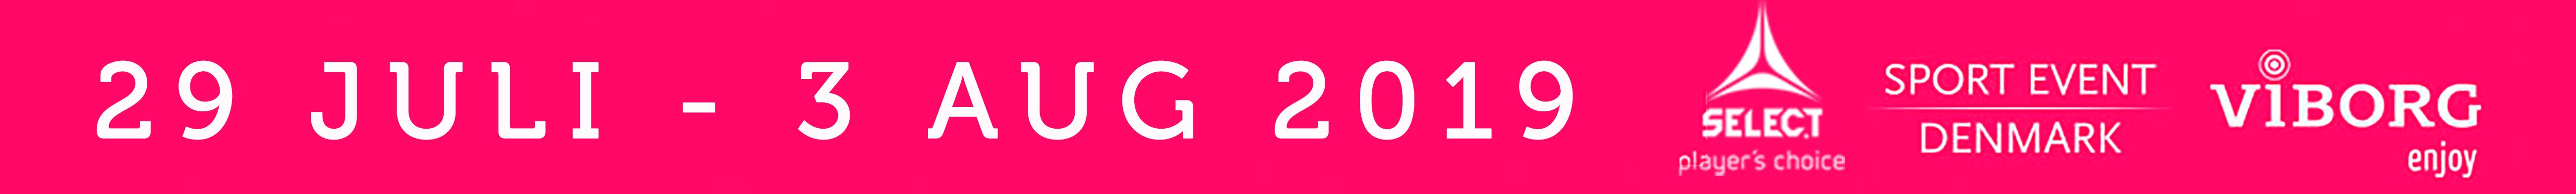 Dansk 2019